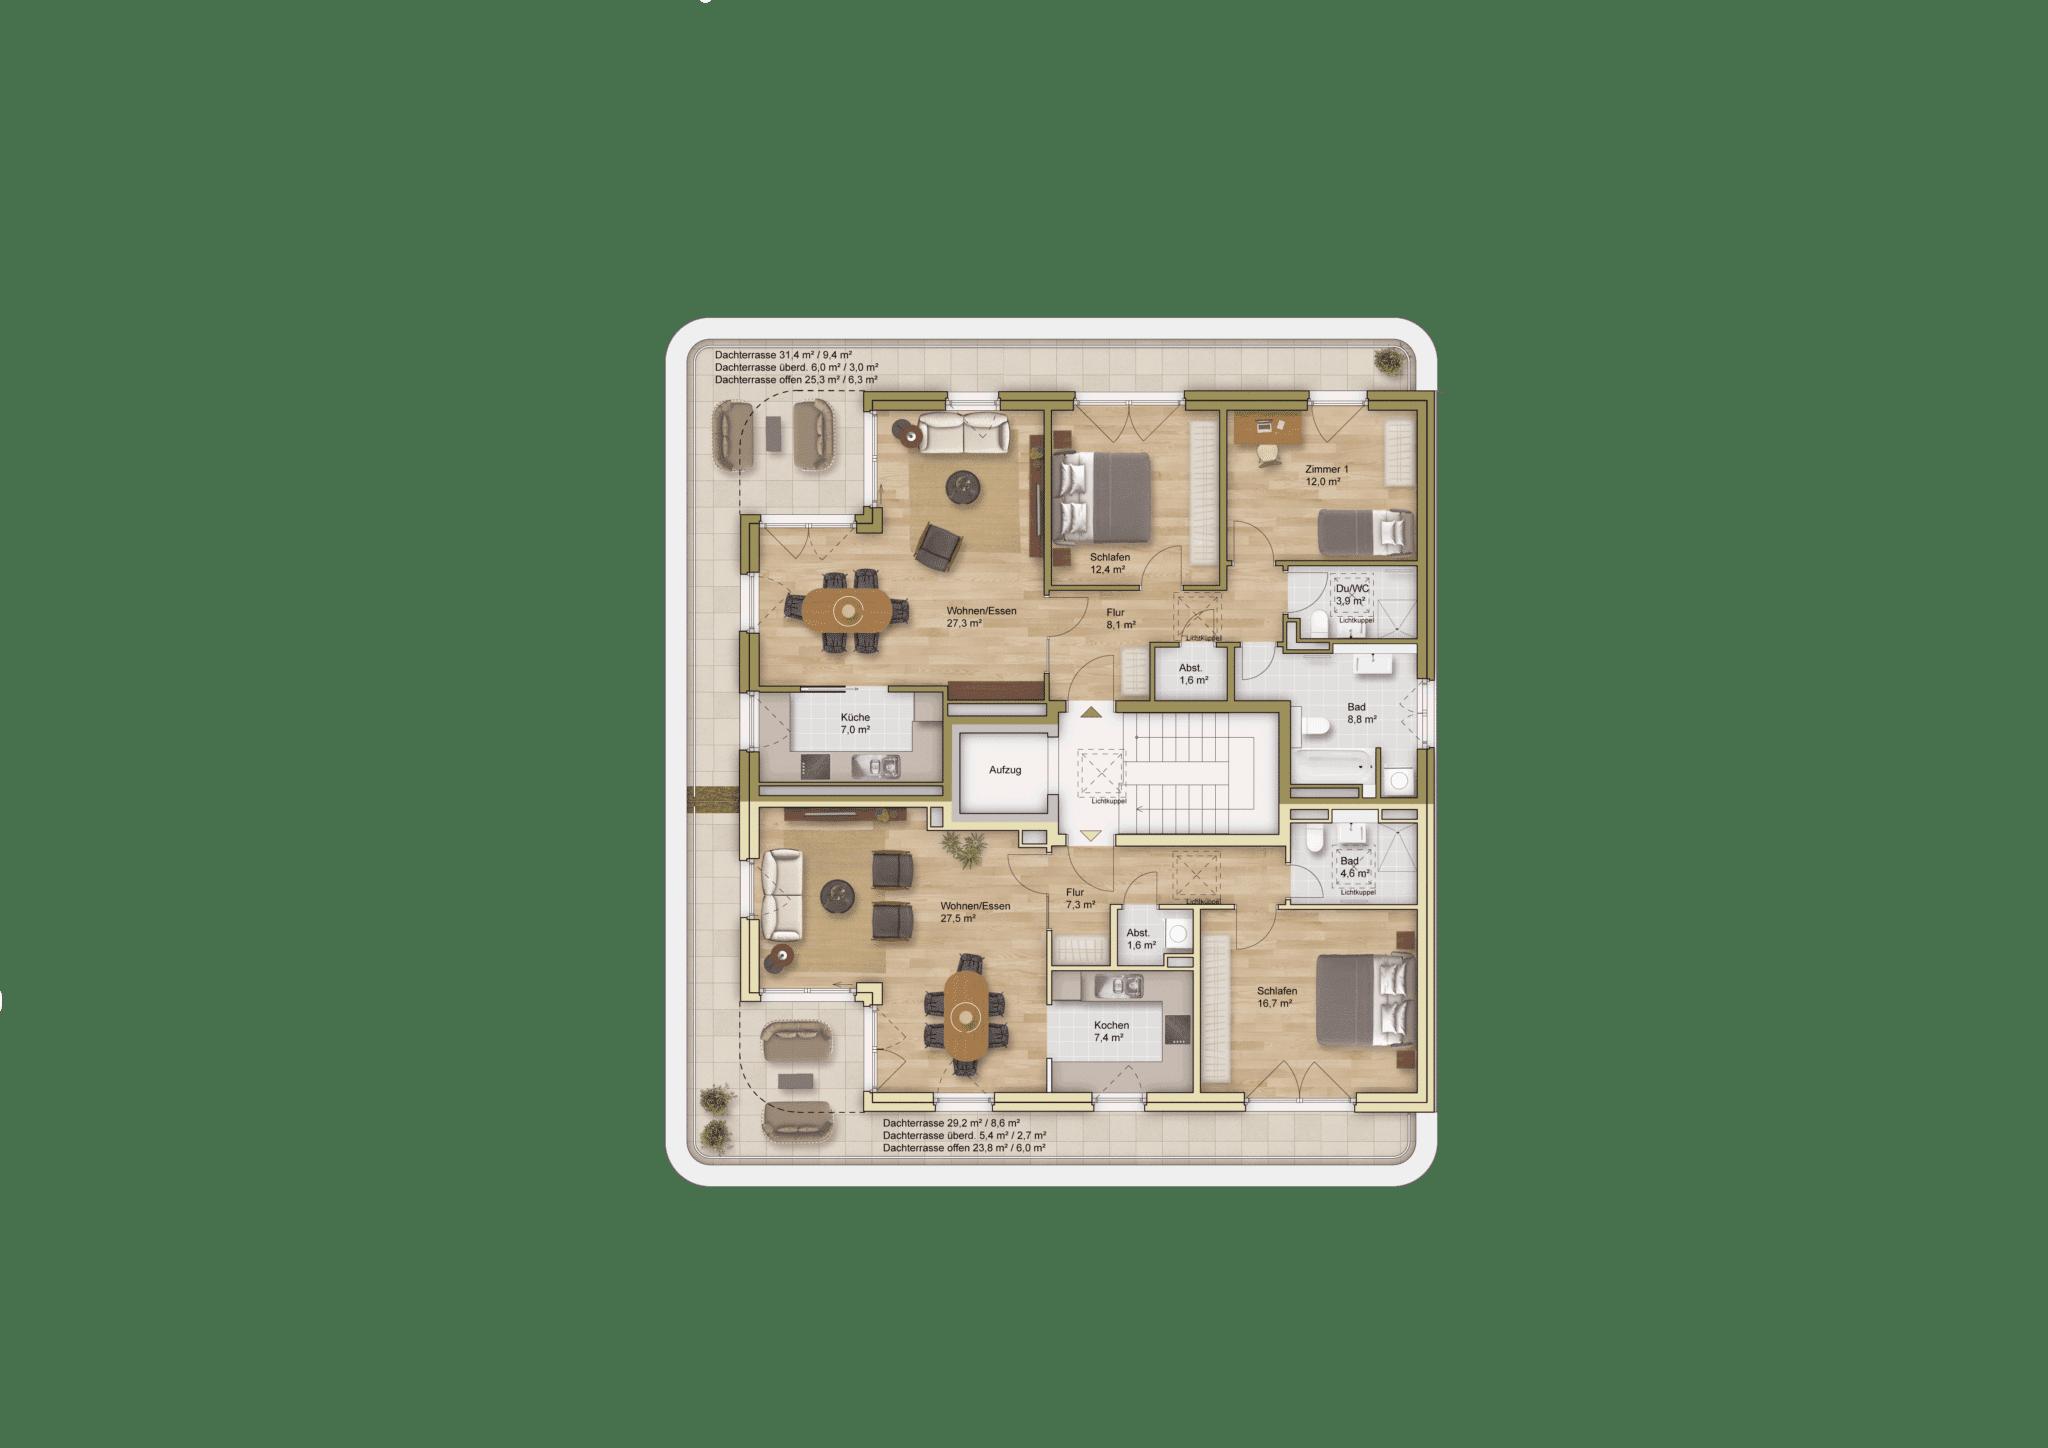 Haus_101_DG_2020_12_10_gesamt_ret_web